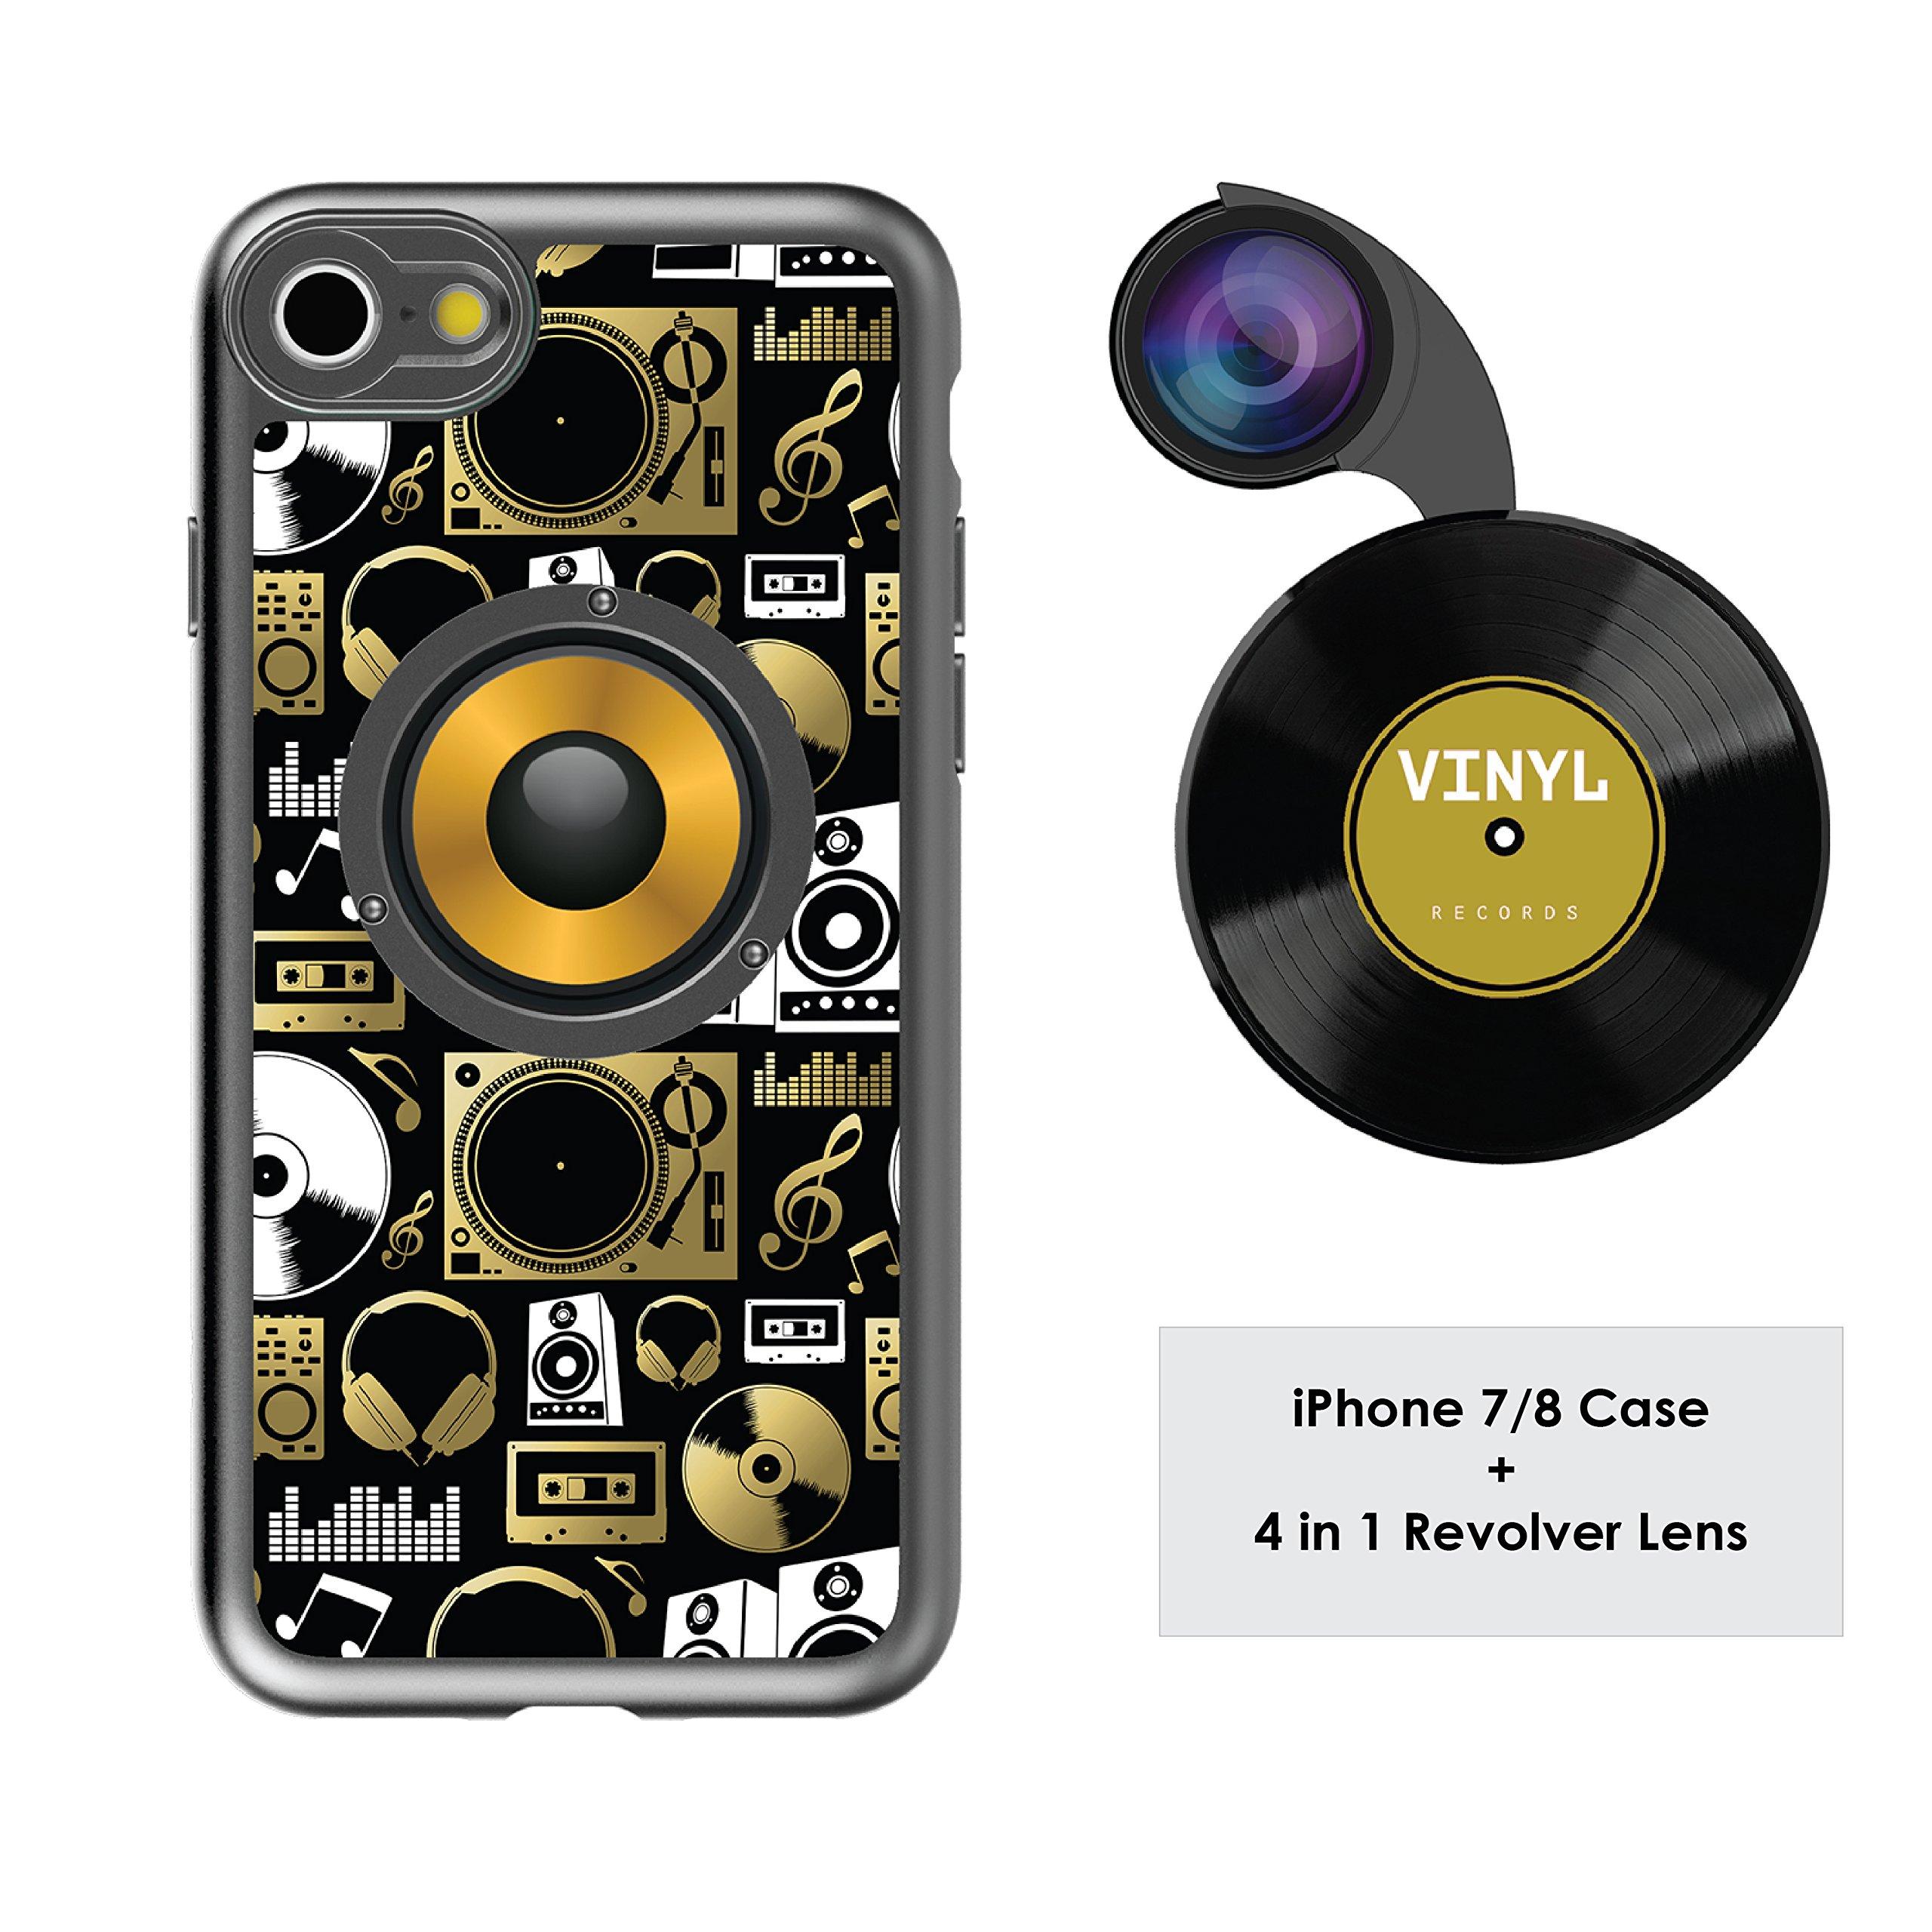 Funda y 4 Lentes Ztylus Revolver p/ iPhone 7/8 - Audio El...